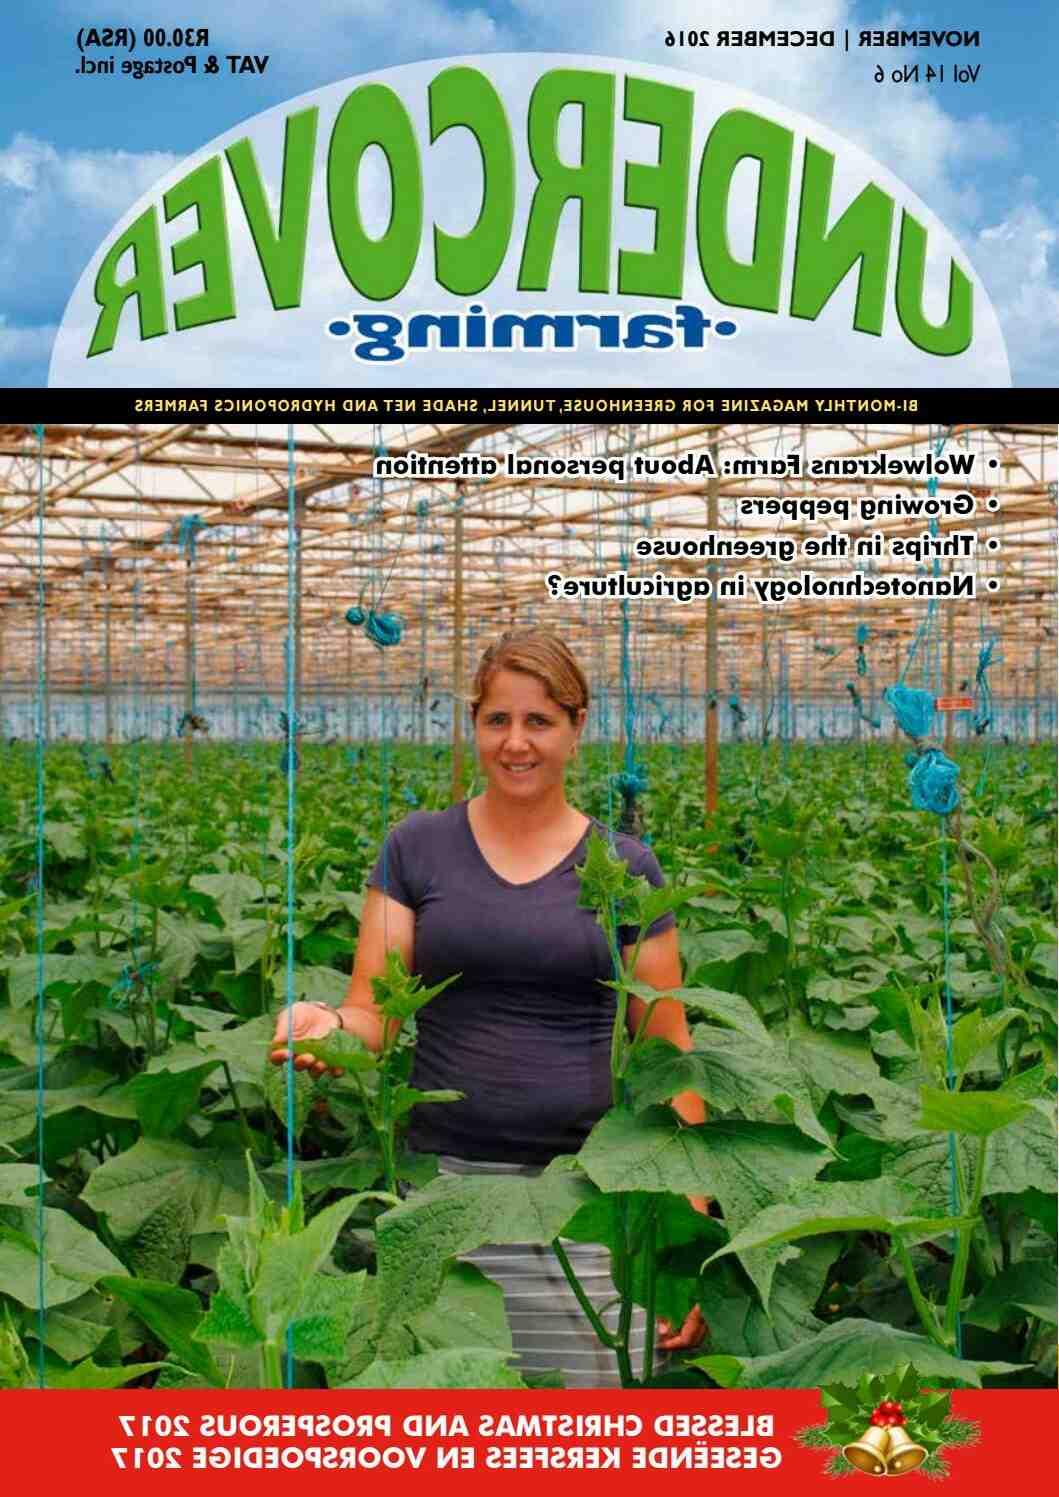 Quand planter des légumes d'hiver ?